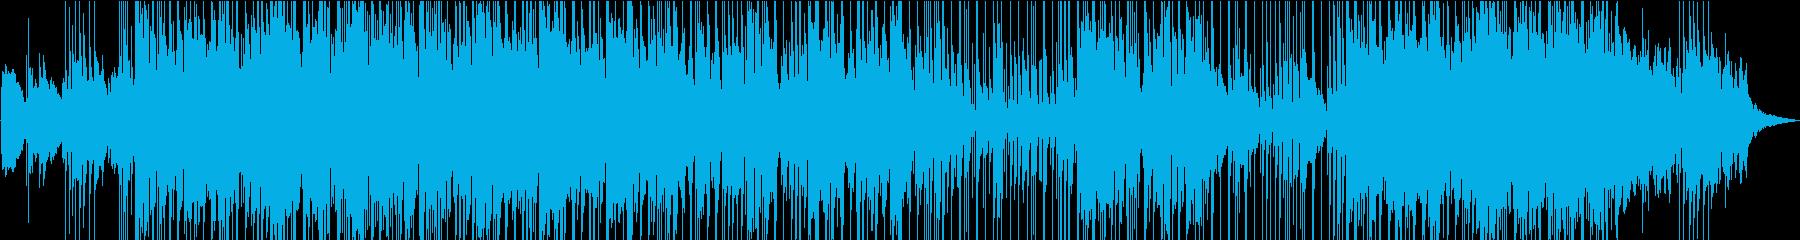 クールな大人レトロジャズの再生済みの波形